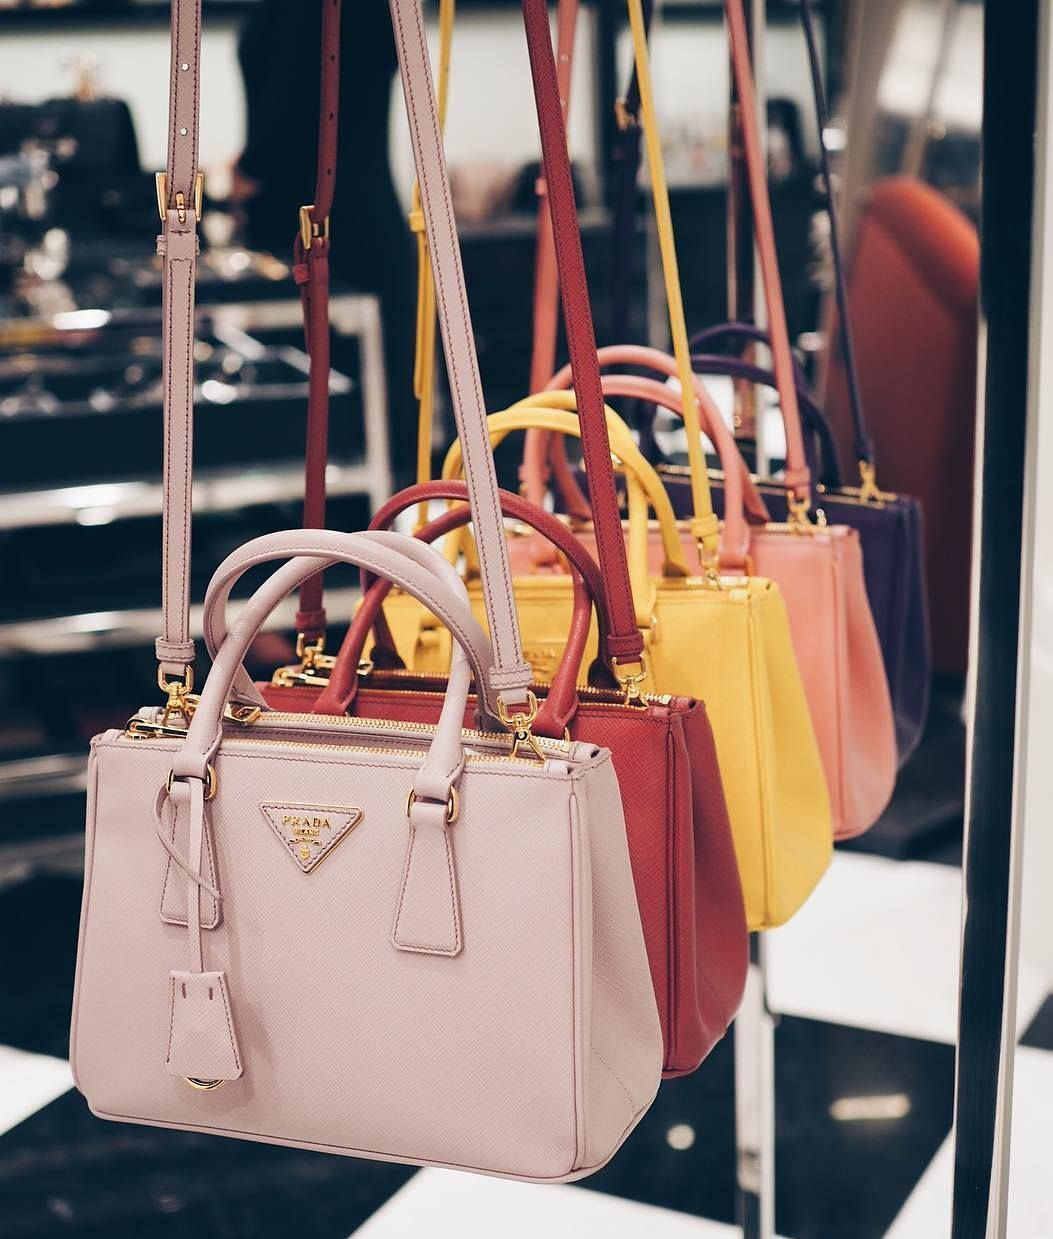 Prada Galleria Bag Colors #pursesandbags Can You Pick A Color? #purses